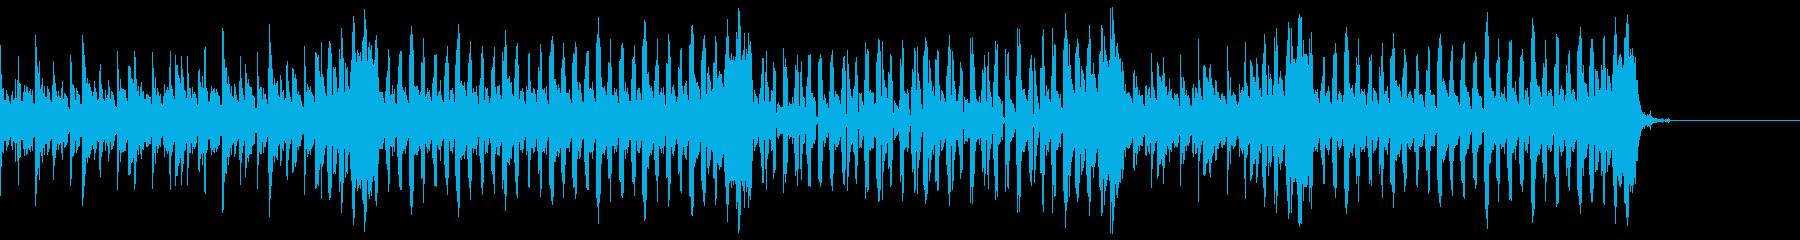 幻想的な高速ハウスアンビエント 60秒の再生済みの波形